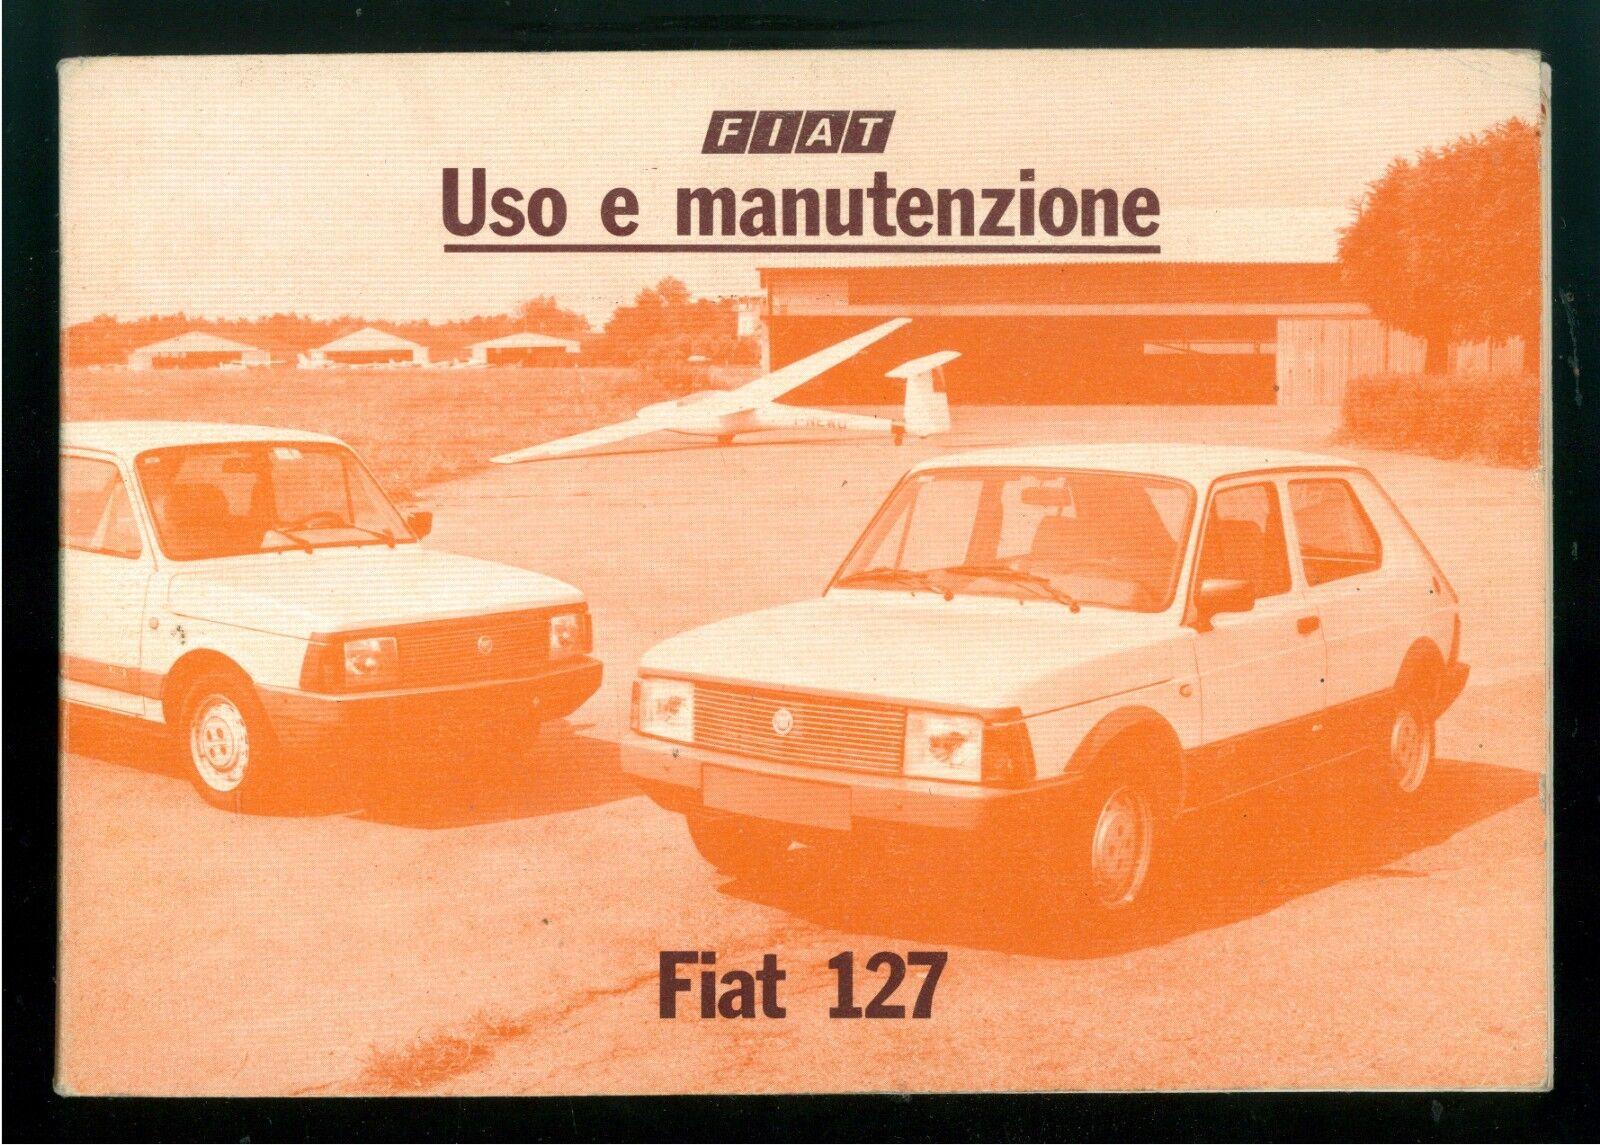 FIAT 127 LIBRETTO USO E MANUTENZIONE 1981 AUTOMOBILI MOTORI MACCHINE